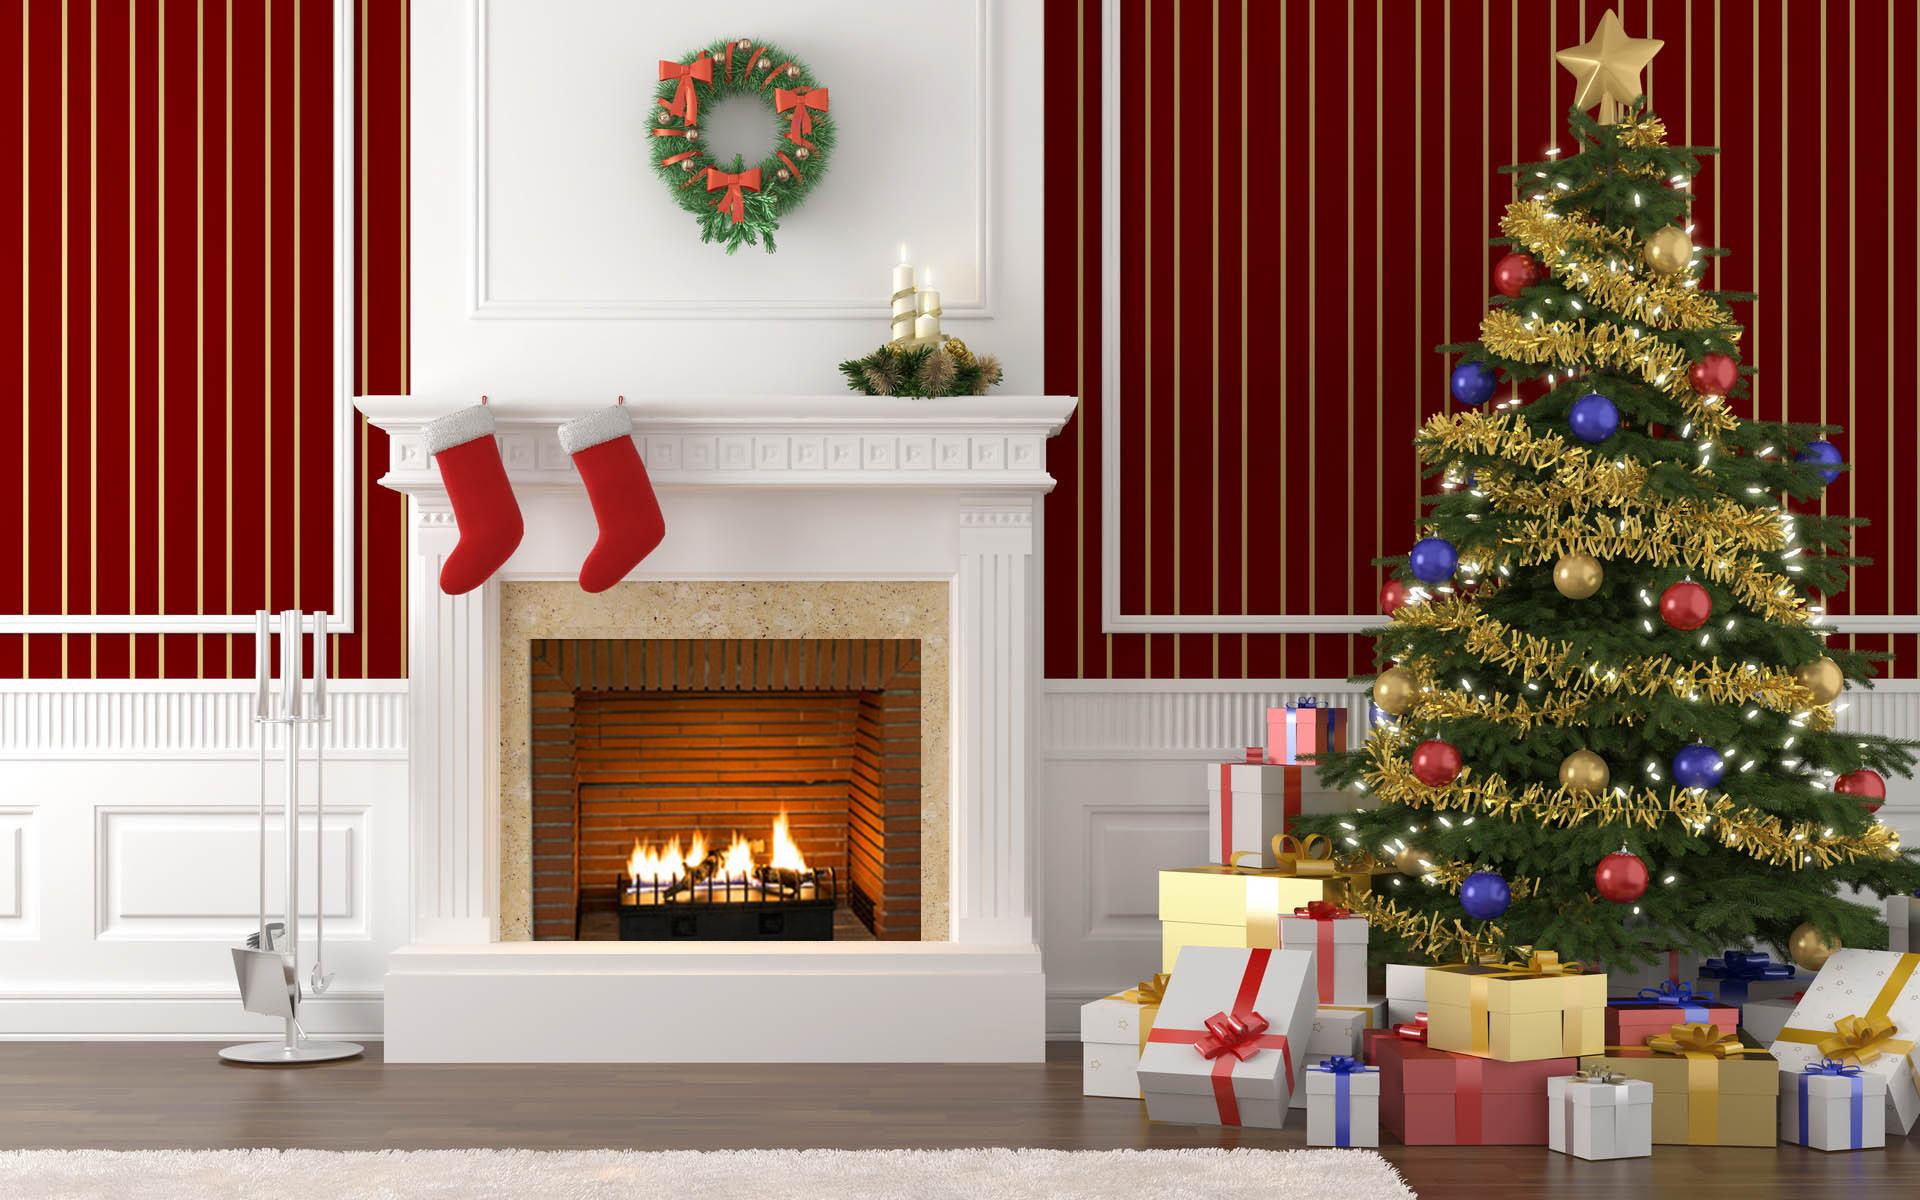 трапециевидную мышцу новогодние картинки елка с подарками и камином точки зрения поисковиков